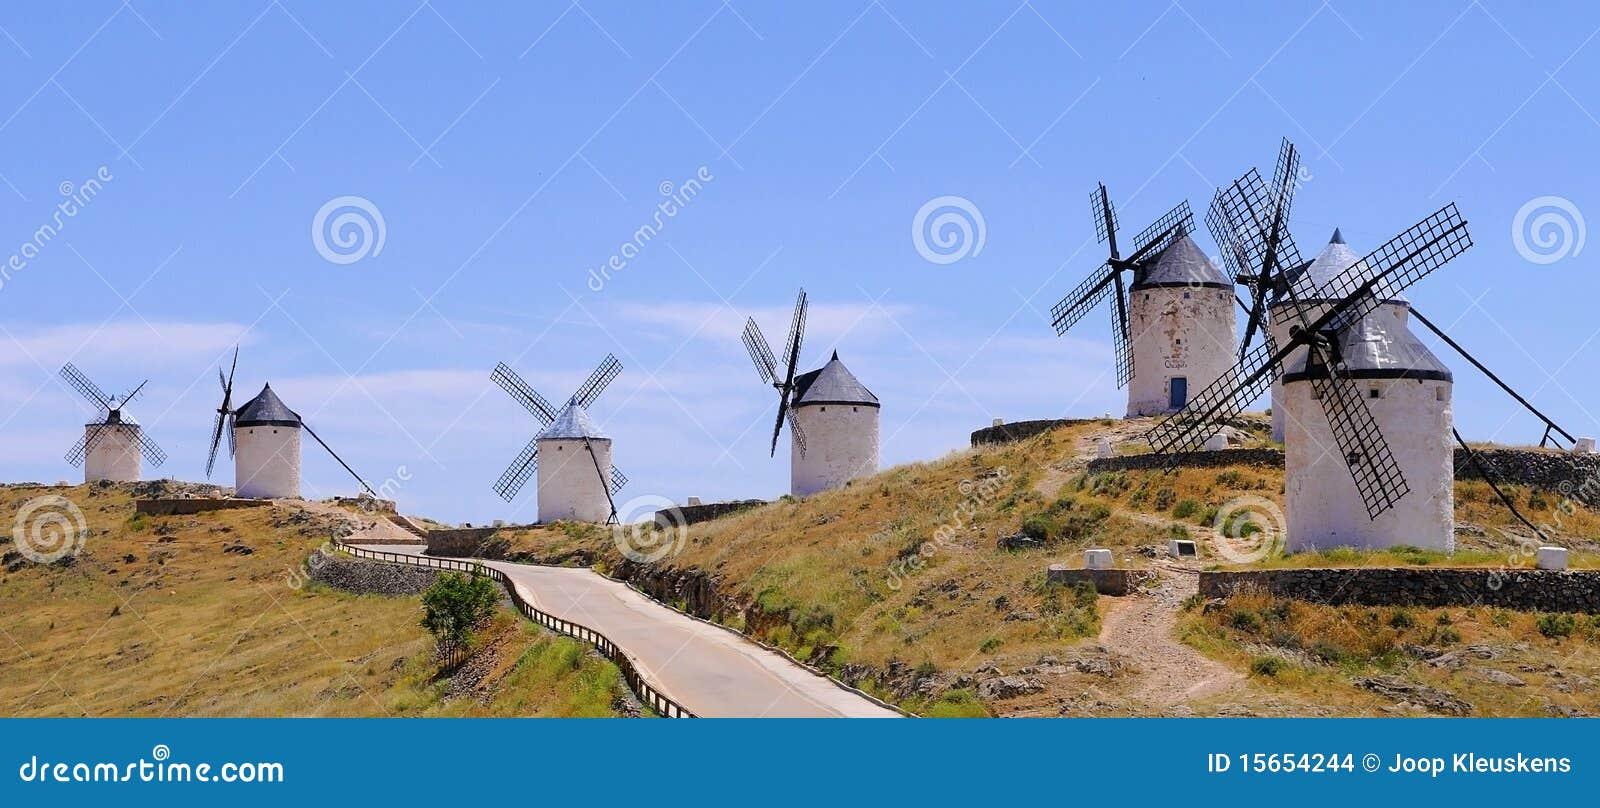 Consuegra spain traditionella windmills